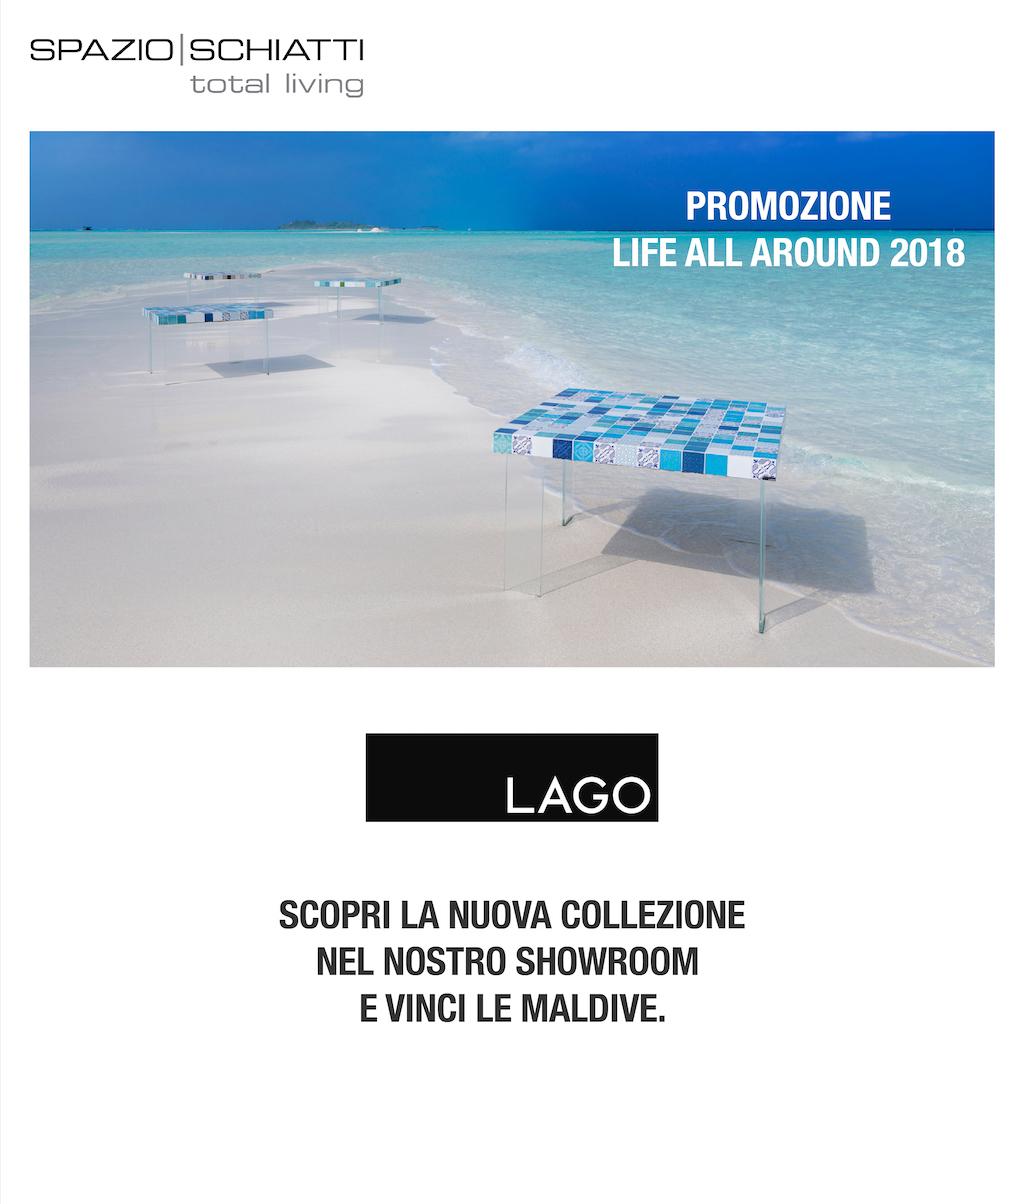 promozione all around 2018